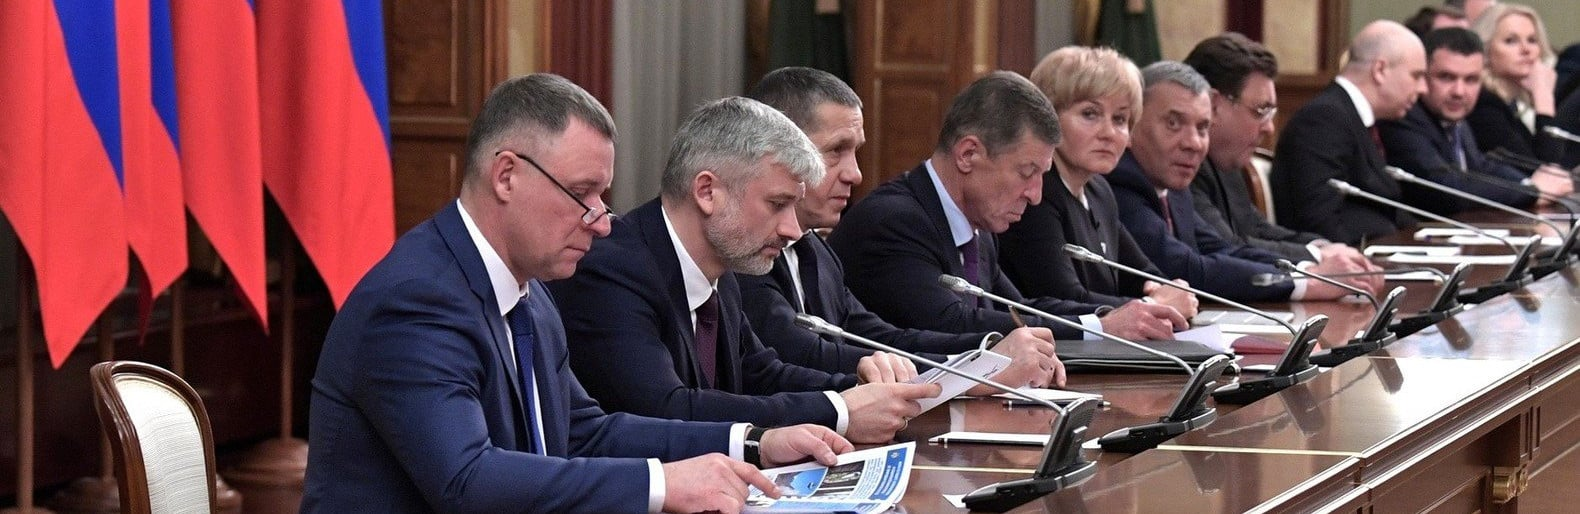 Прояснилась причина отставки Медведева и всего кабинета министров